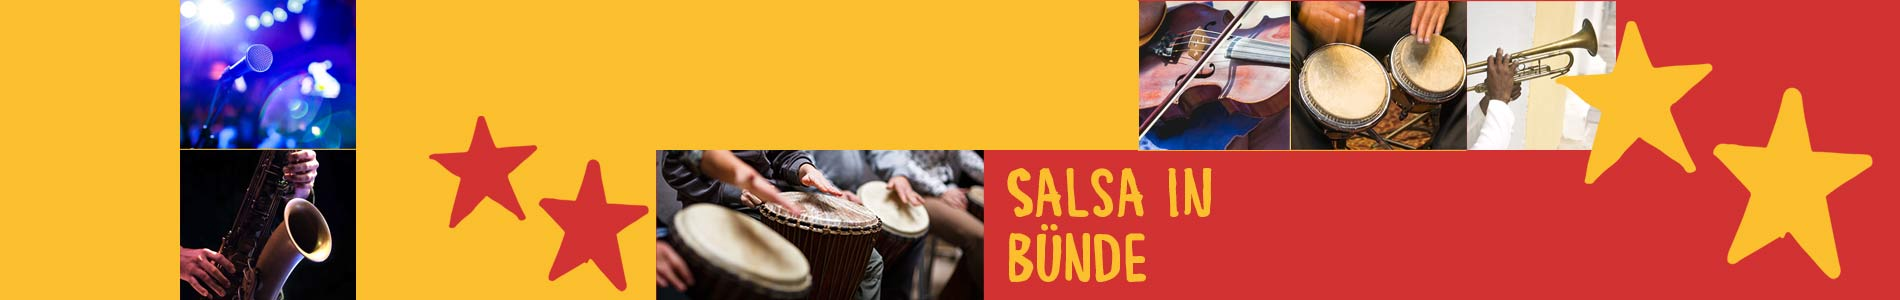 Salsa in Bünde – Salsa lernen und tanzen, Tanzkurse, Partys, Veranstaltungen